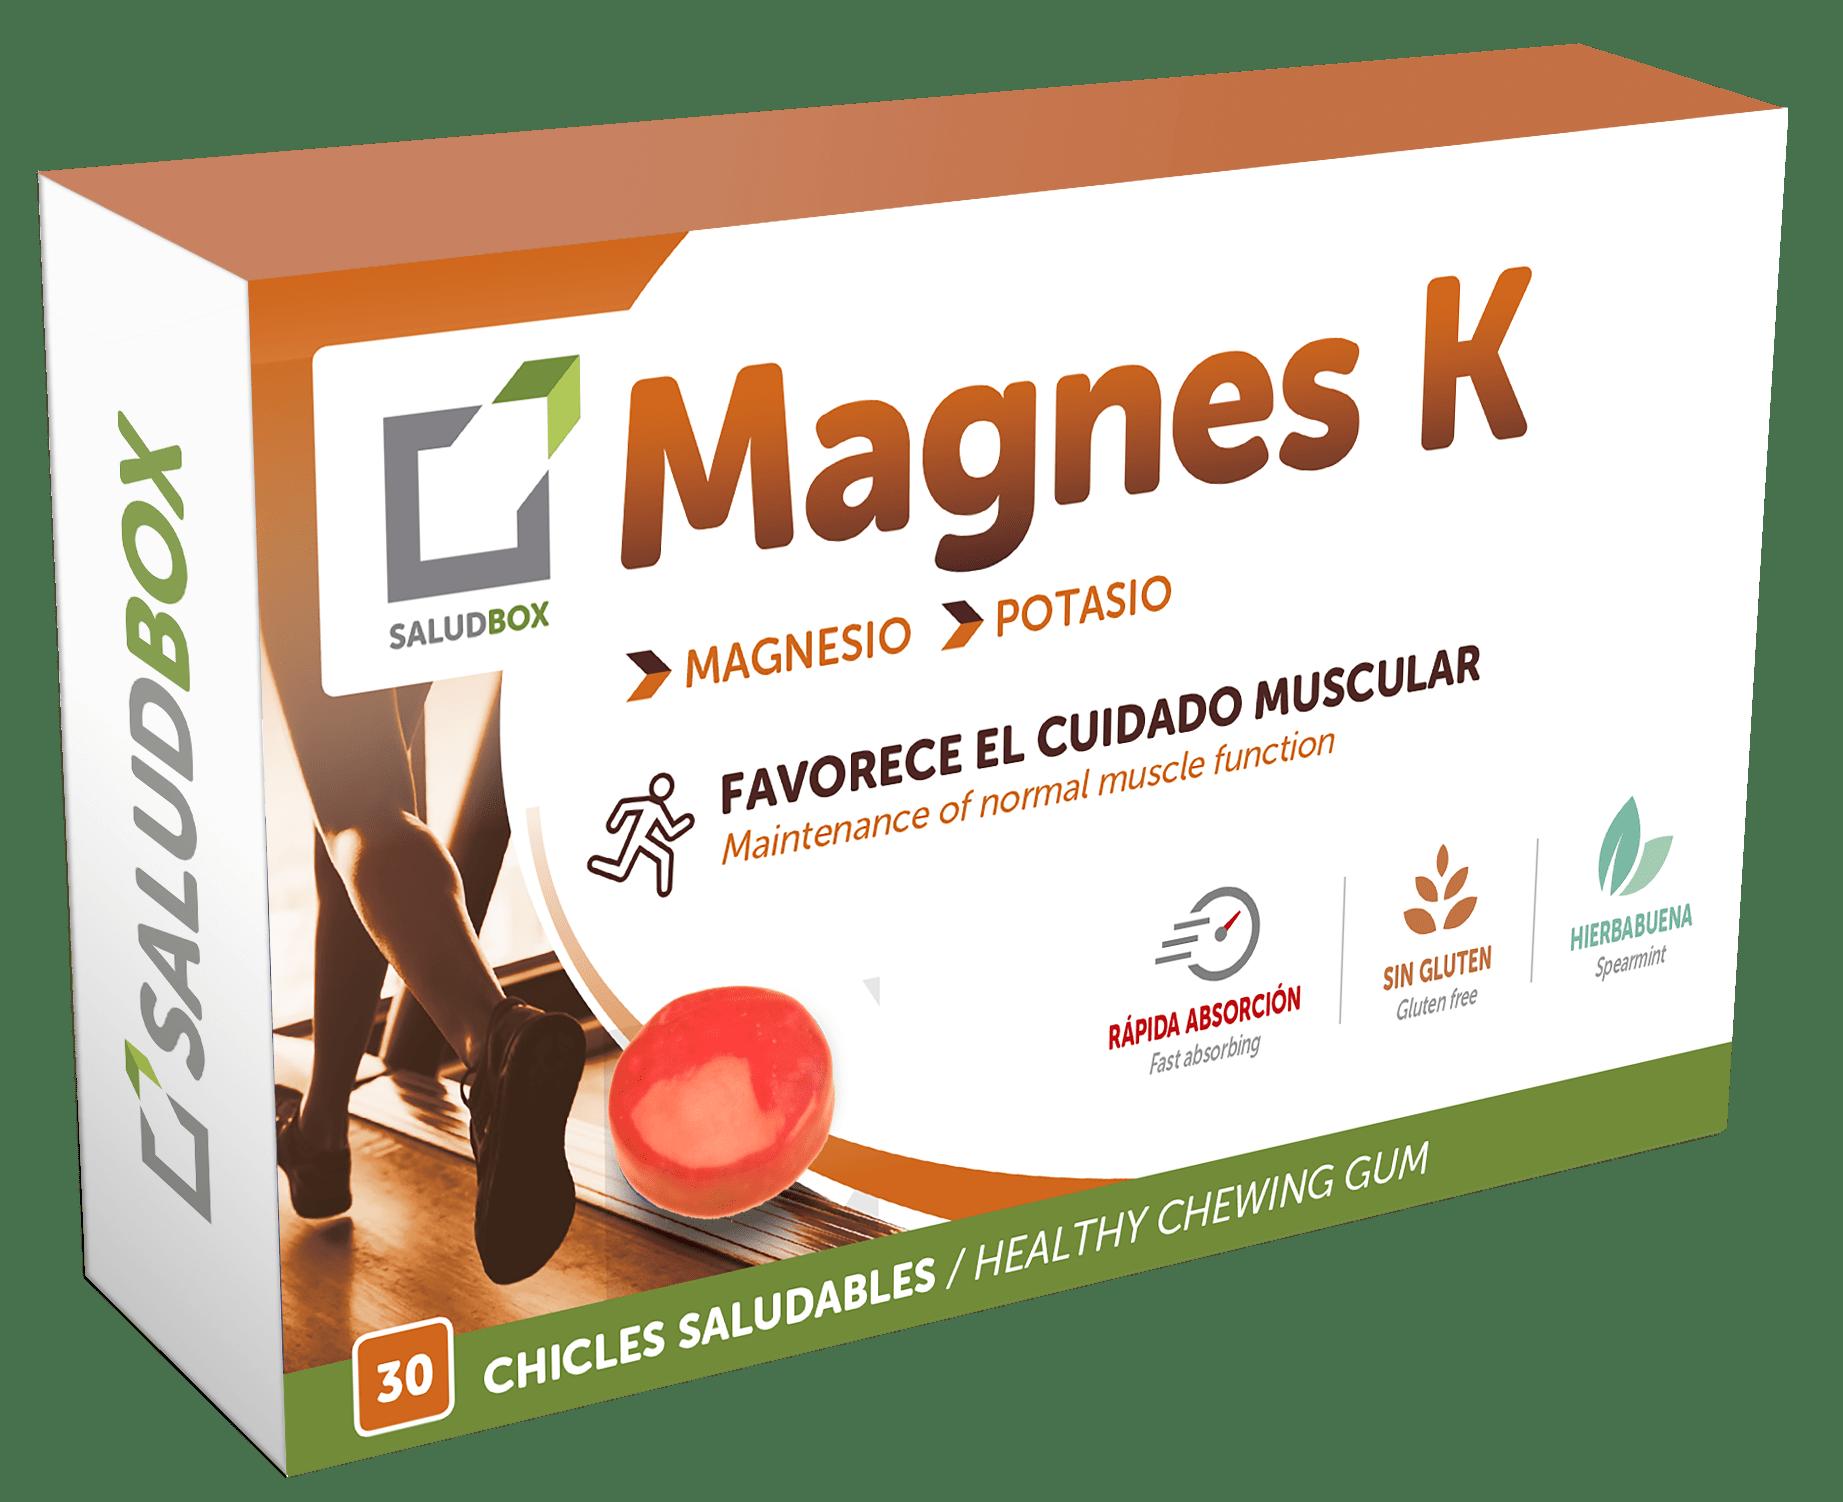 Magnes K